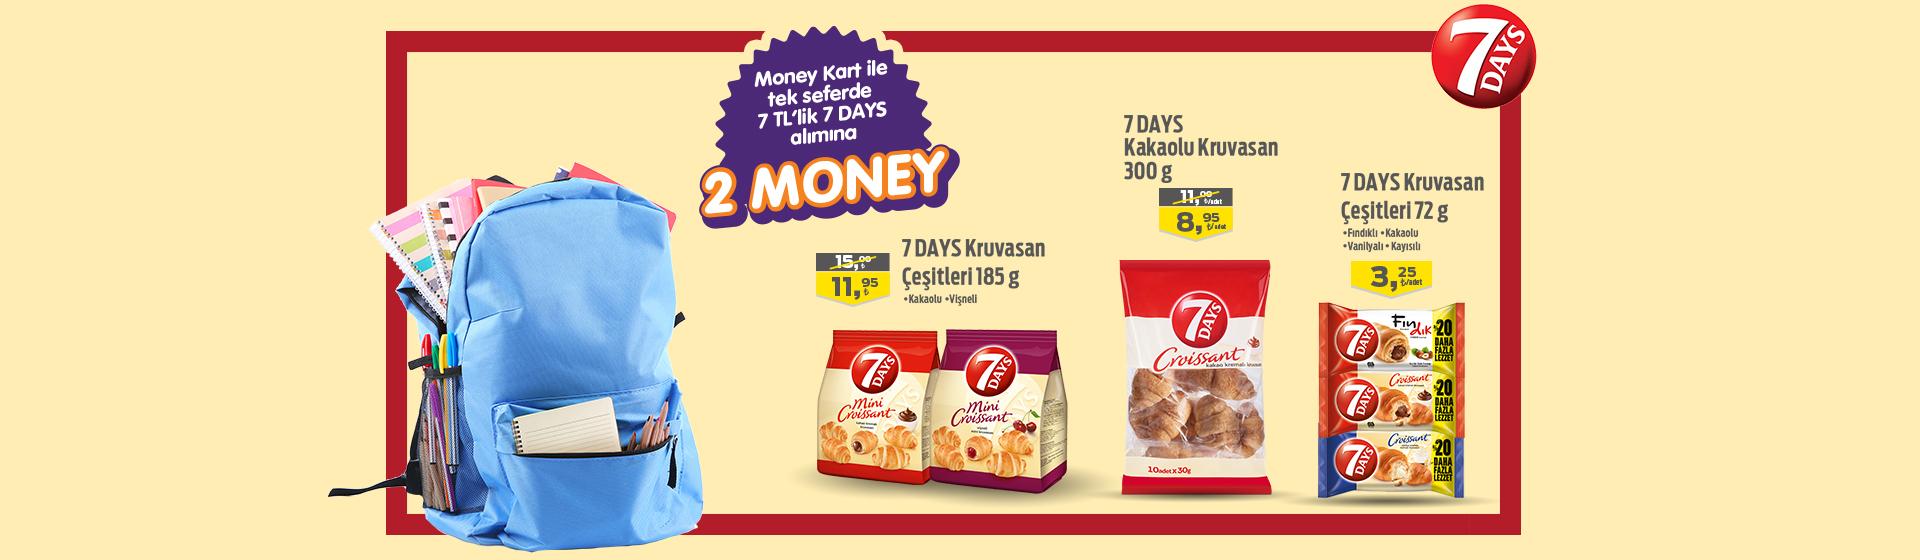 7 Days Money Kampanyası